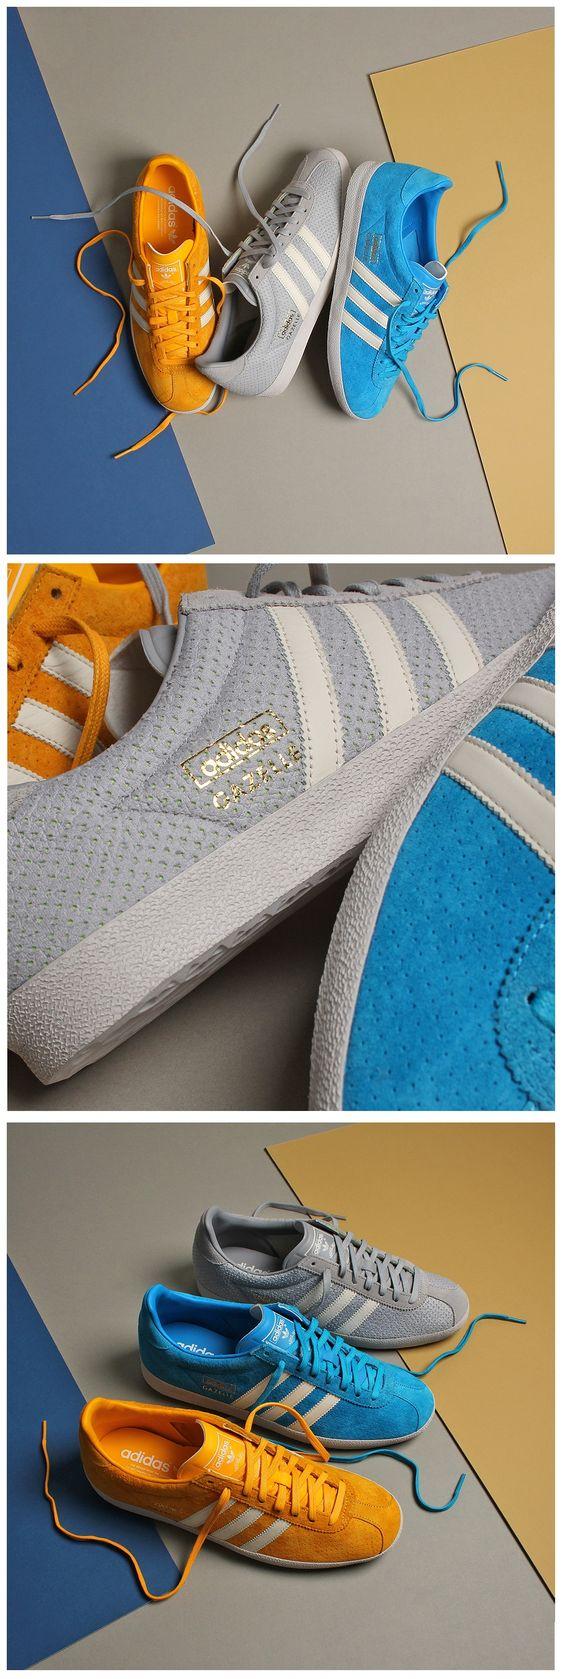 In this category 171 adidas gazelle og leather black adidas hamburg - Adidas Gazelle Og Simple But Always Stylish